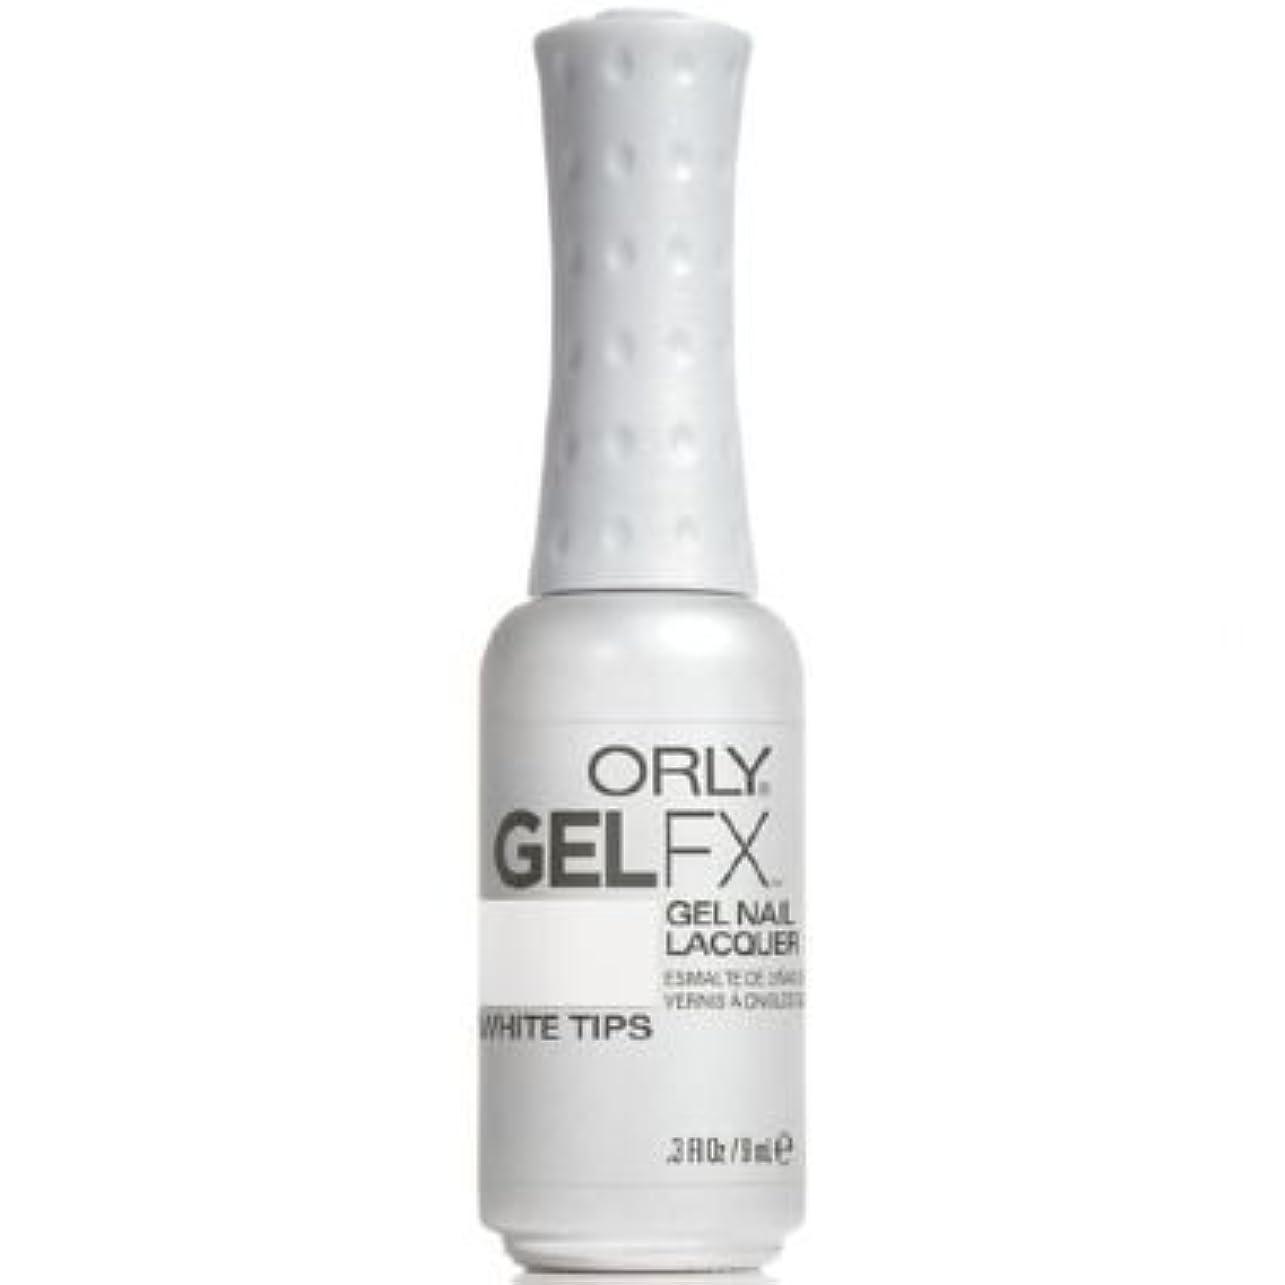 お誕生日いとこ適切なOrly Gel FX Gel UV Vernis à Ongles/ Gel Polish - White Tips 9ml